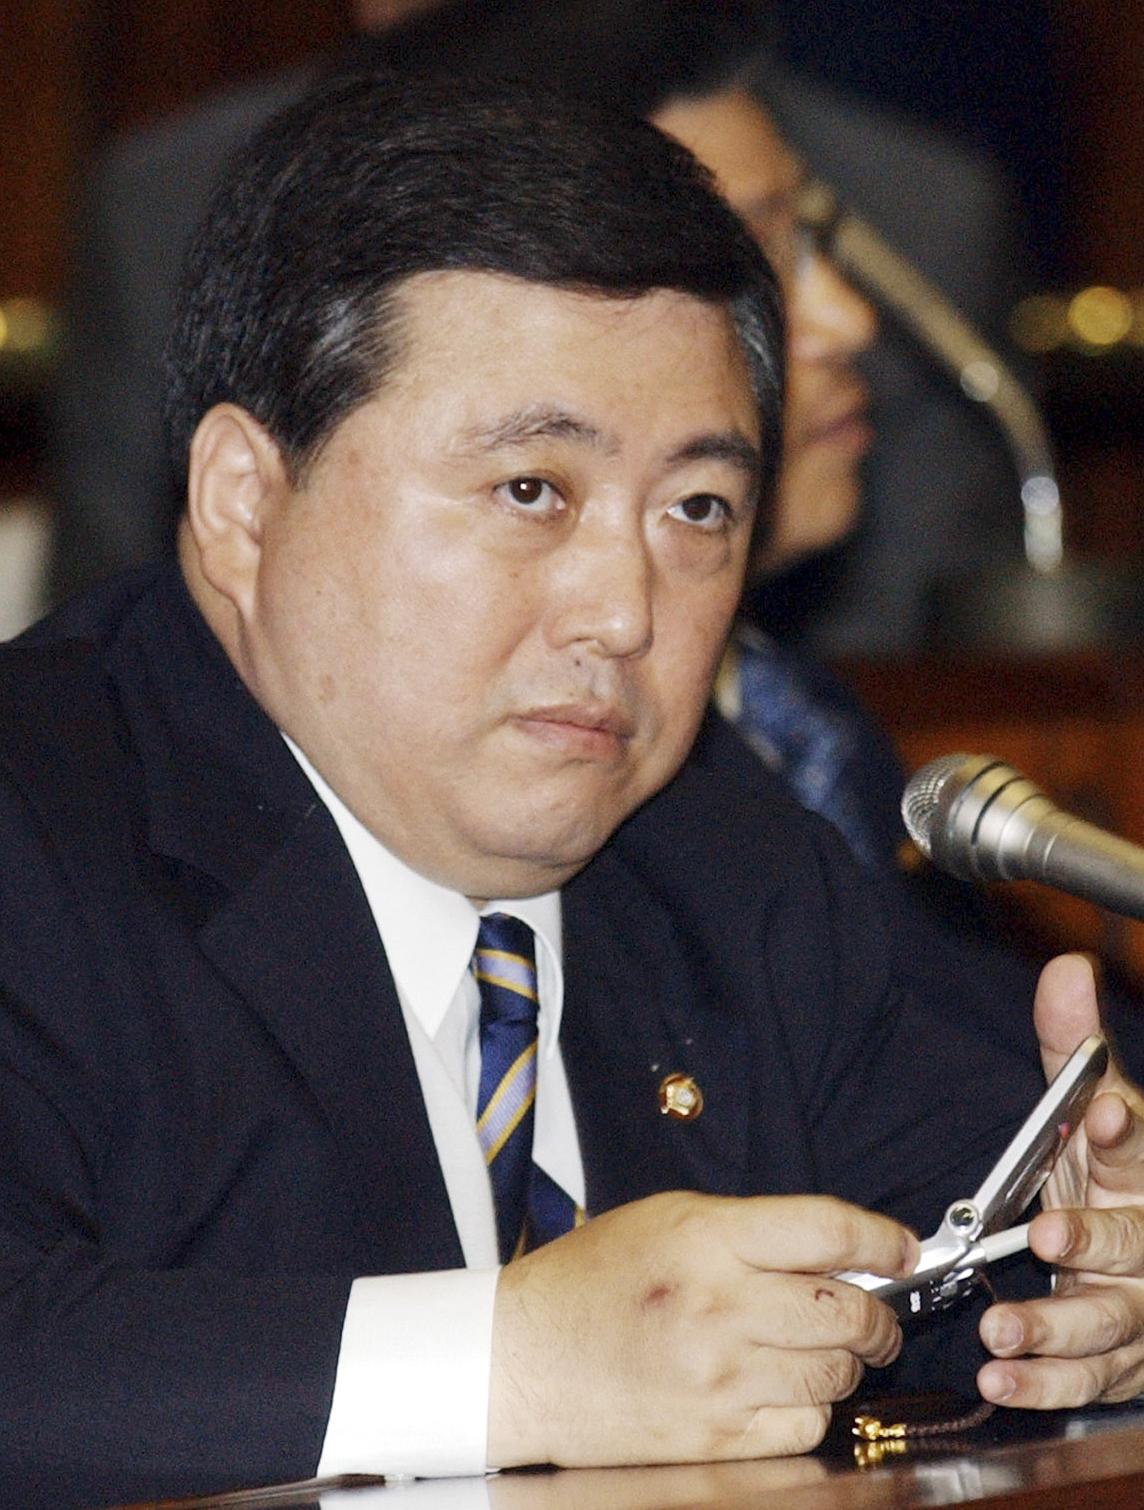 김대중 전 대통령의 장남 김홍일 전 의원이 20일 오후 5시쯤 별세했다. [연합뉴스]